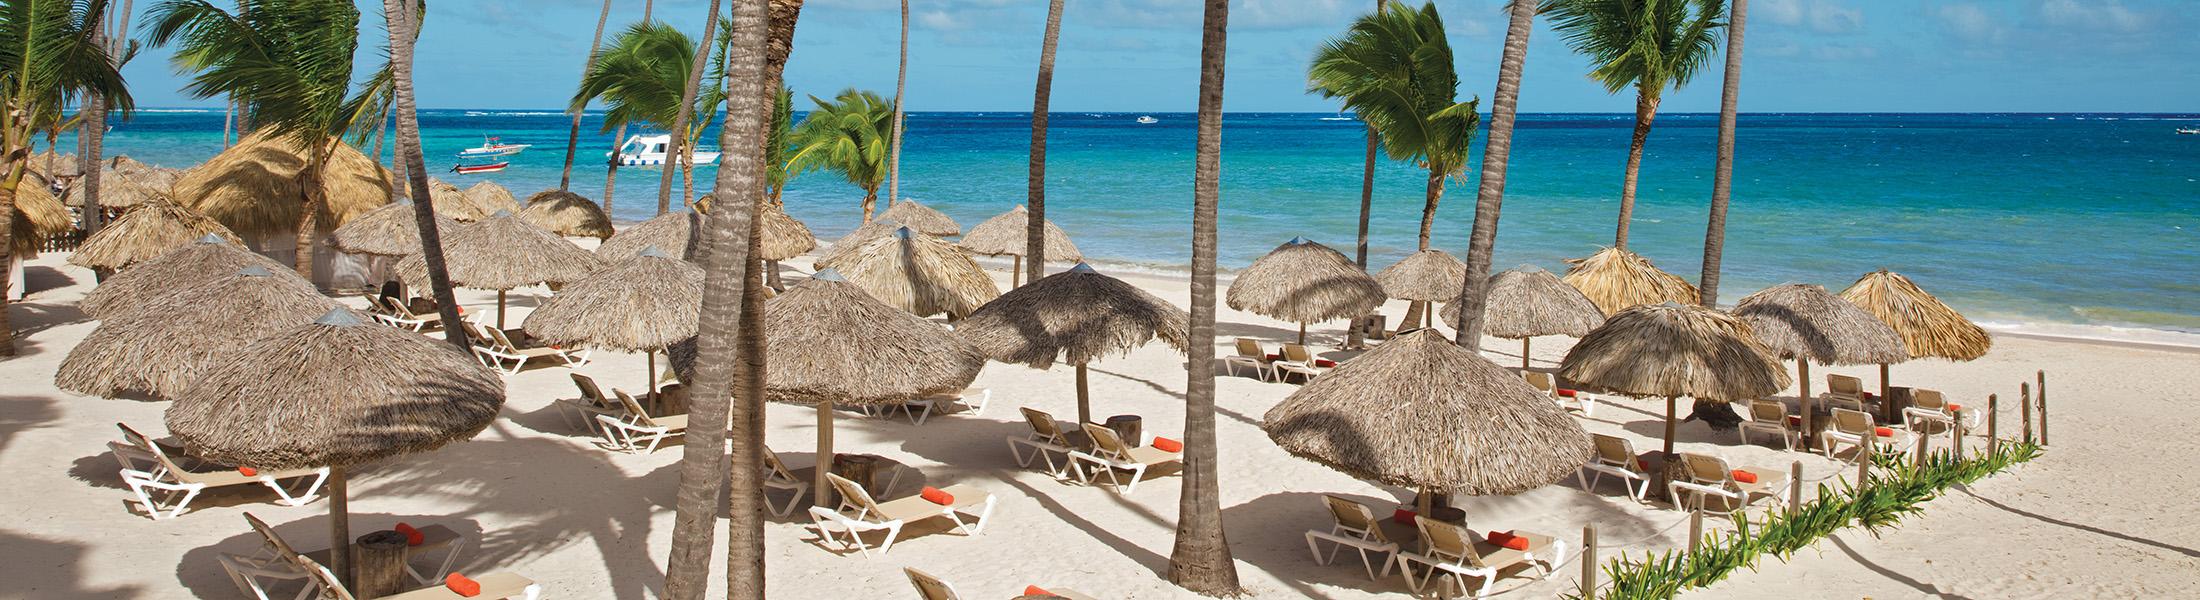 Beach Lounger at the Dreams Palm Beach Punta Cana